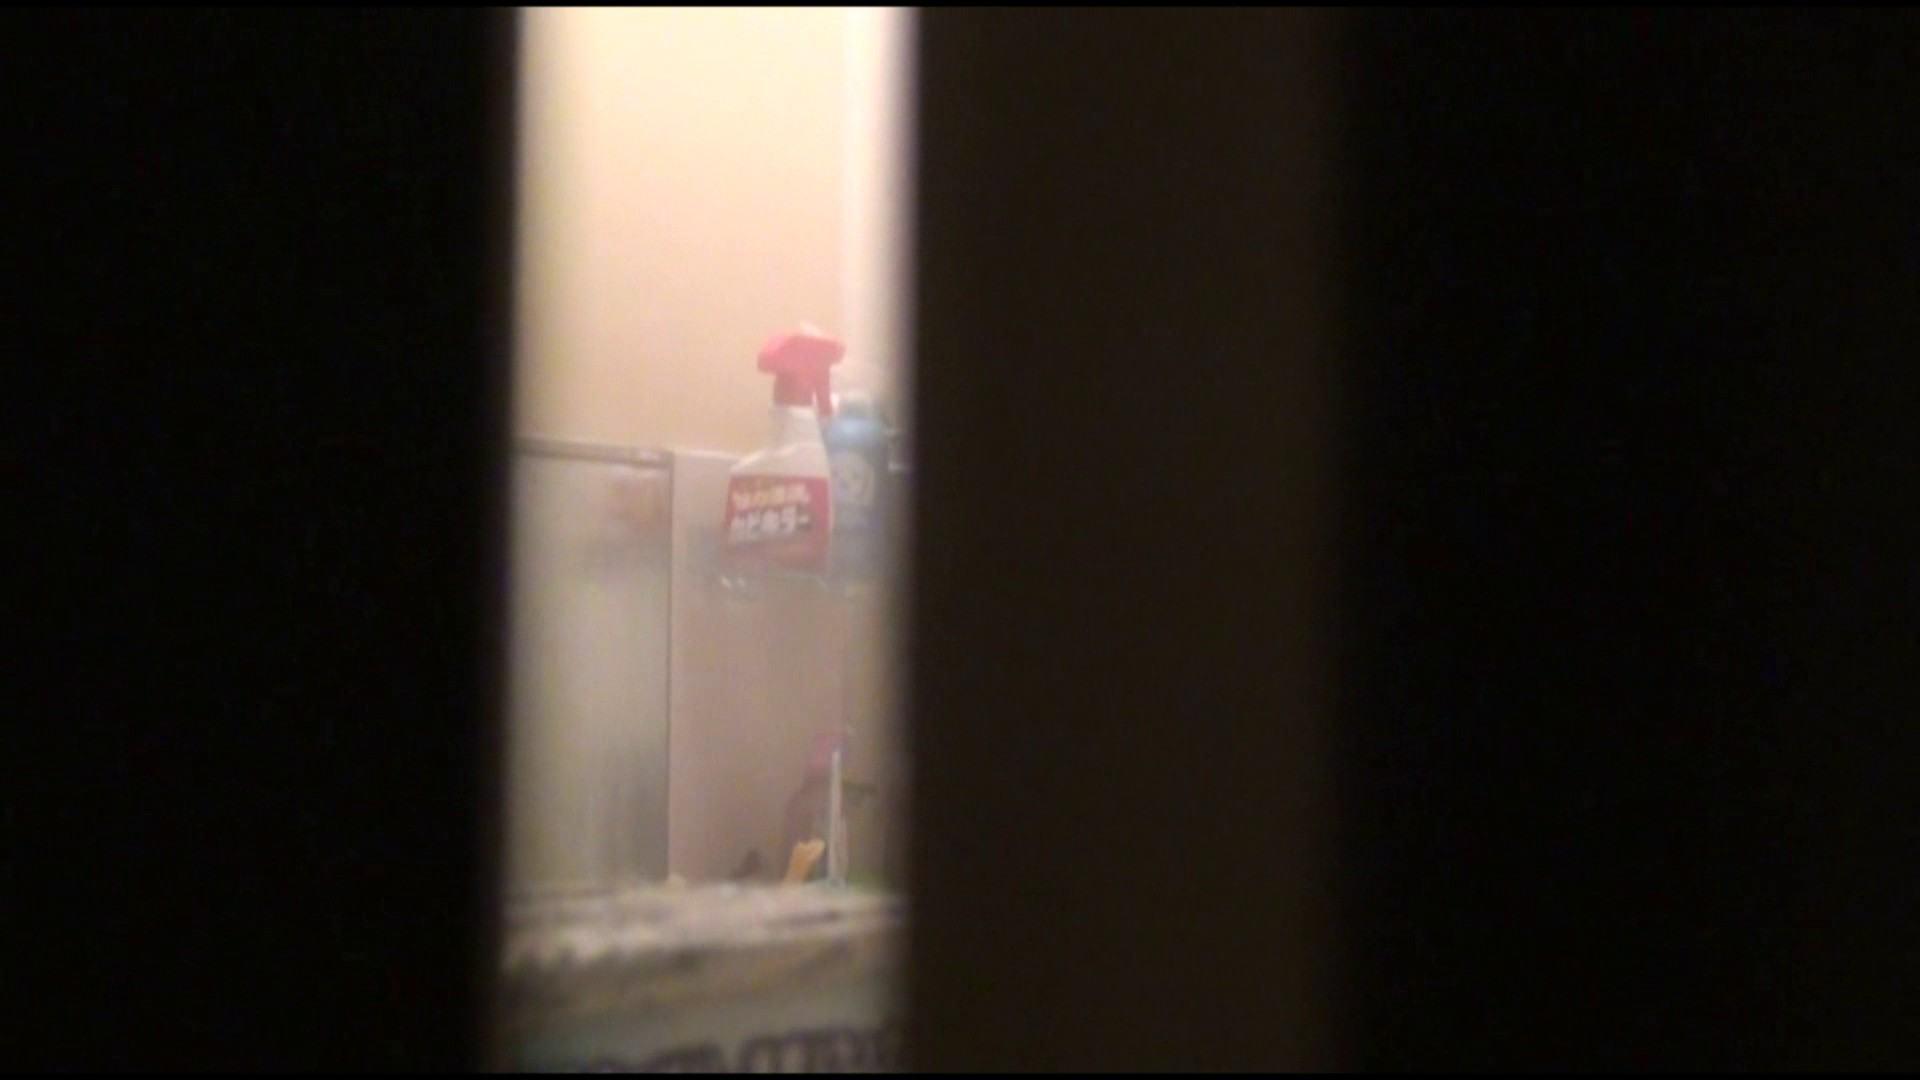 vol.08最高のパイラインを流れるシャワーの水が極上嬢をさらに引き立てます! 美人編 えろ無修正画像 78画像 62